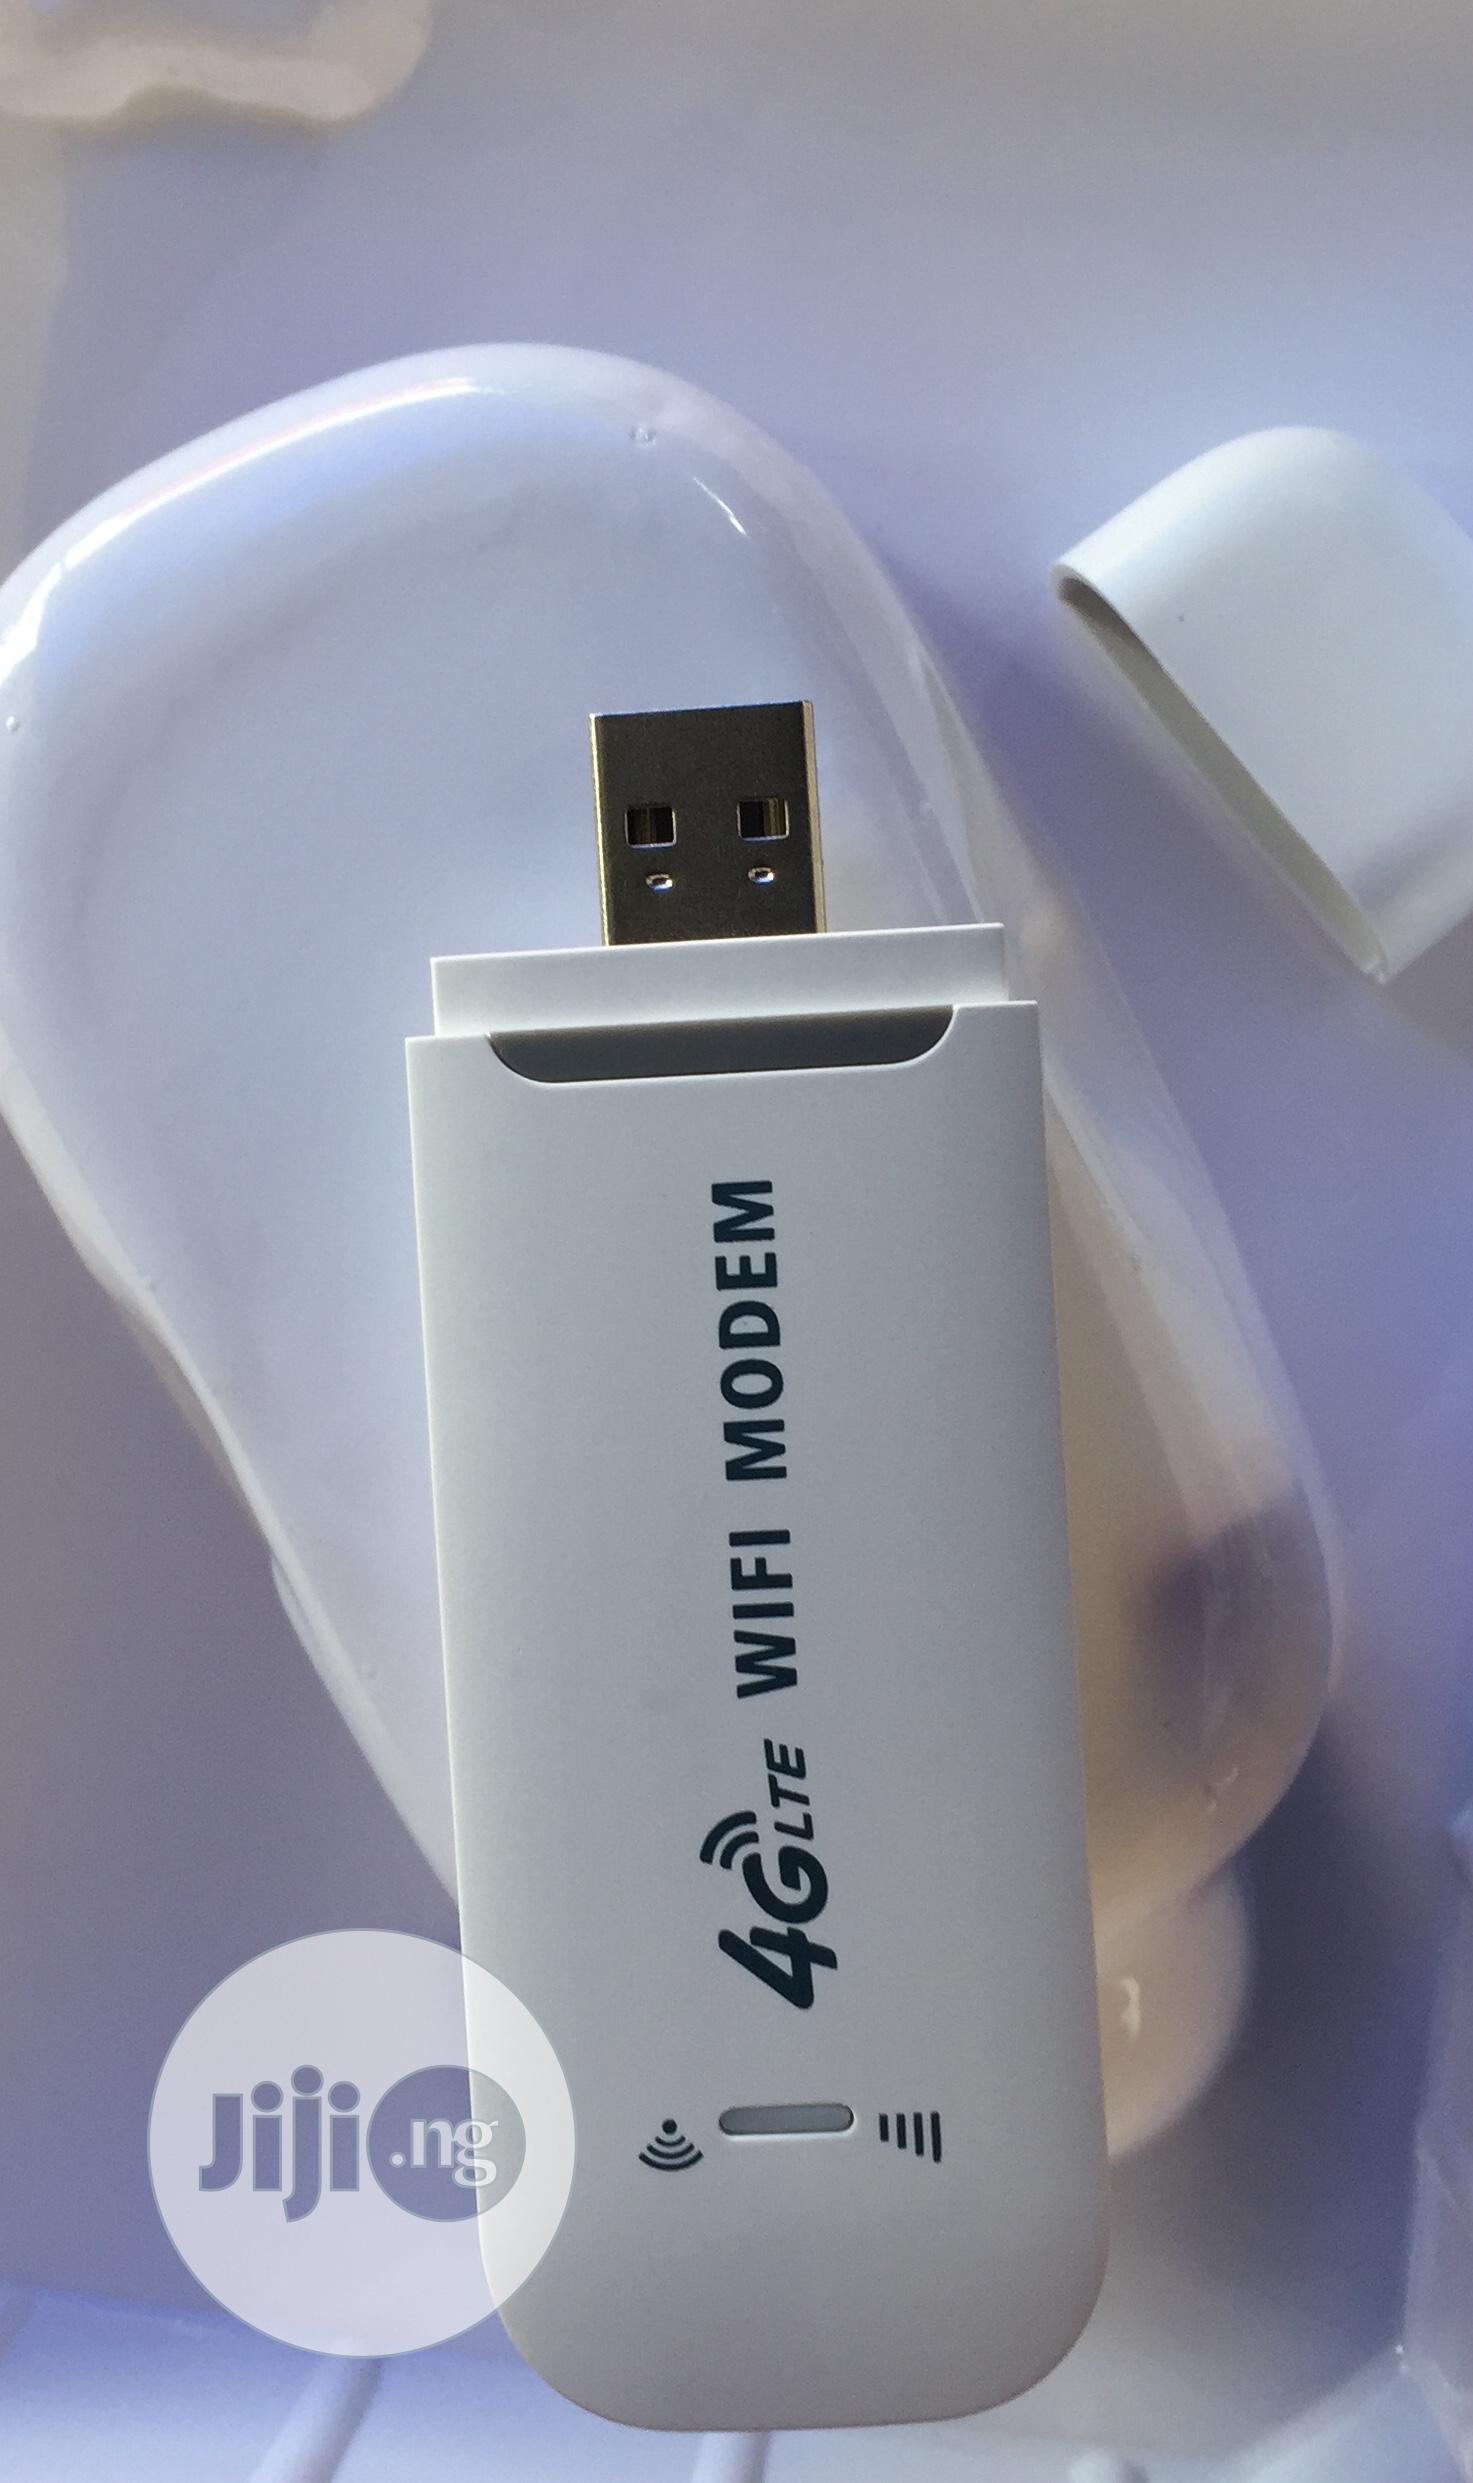 4GLTE Wifi Modem With Hotspot